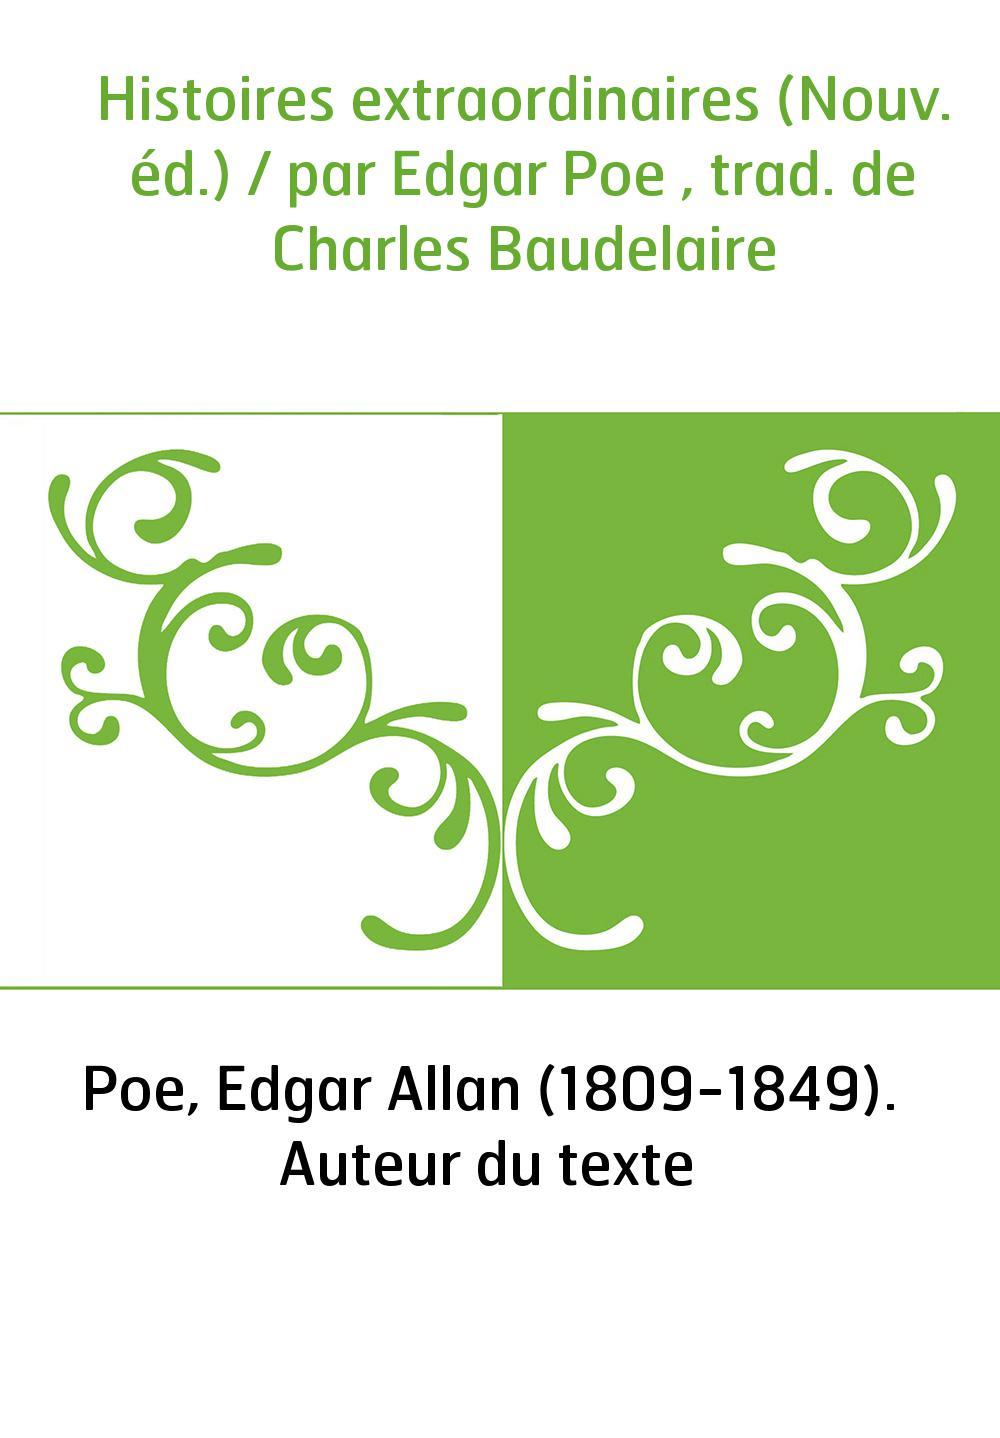 Histoires extraordinaires (Nouv. éd.) / par Edgar Poe , trad. de Charles Baudelaire